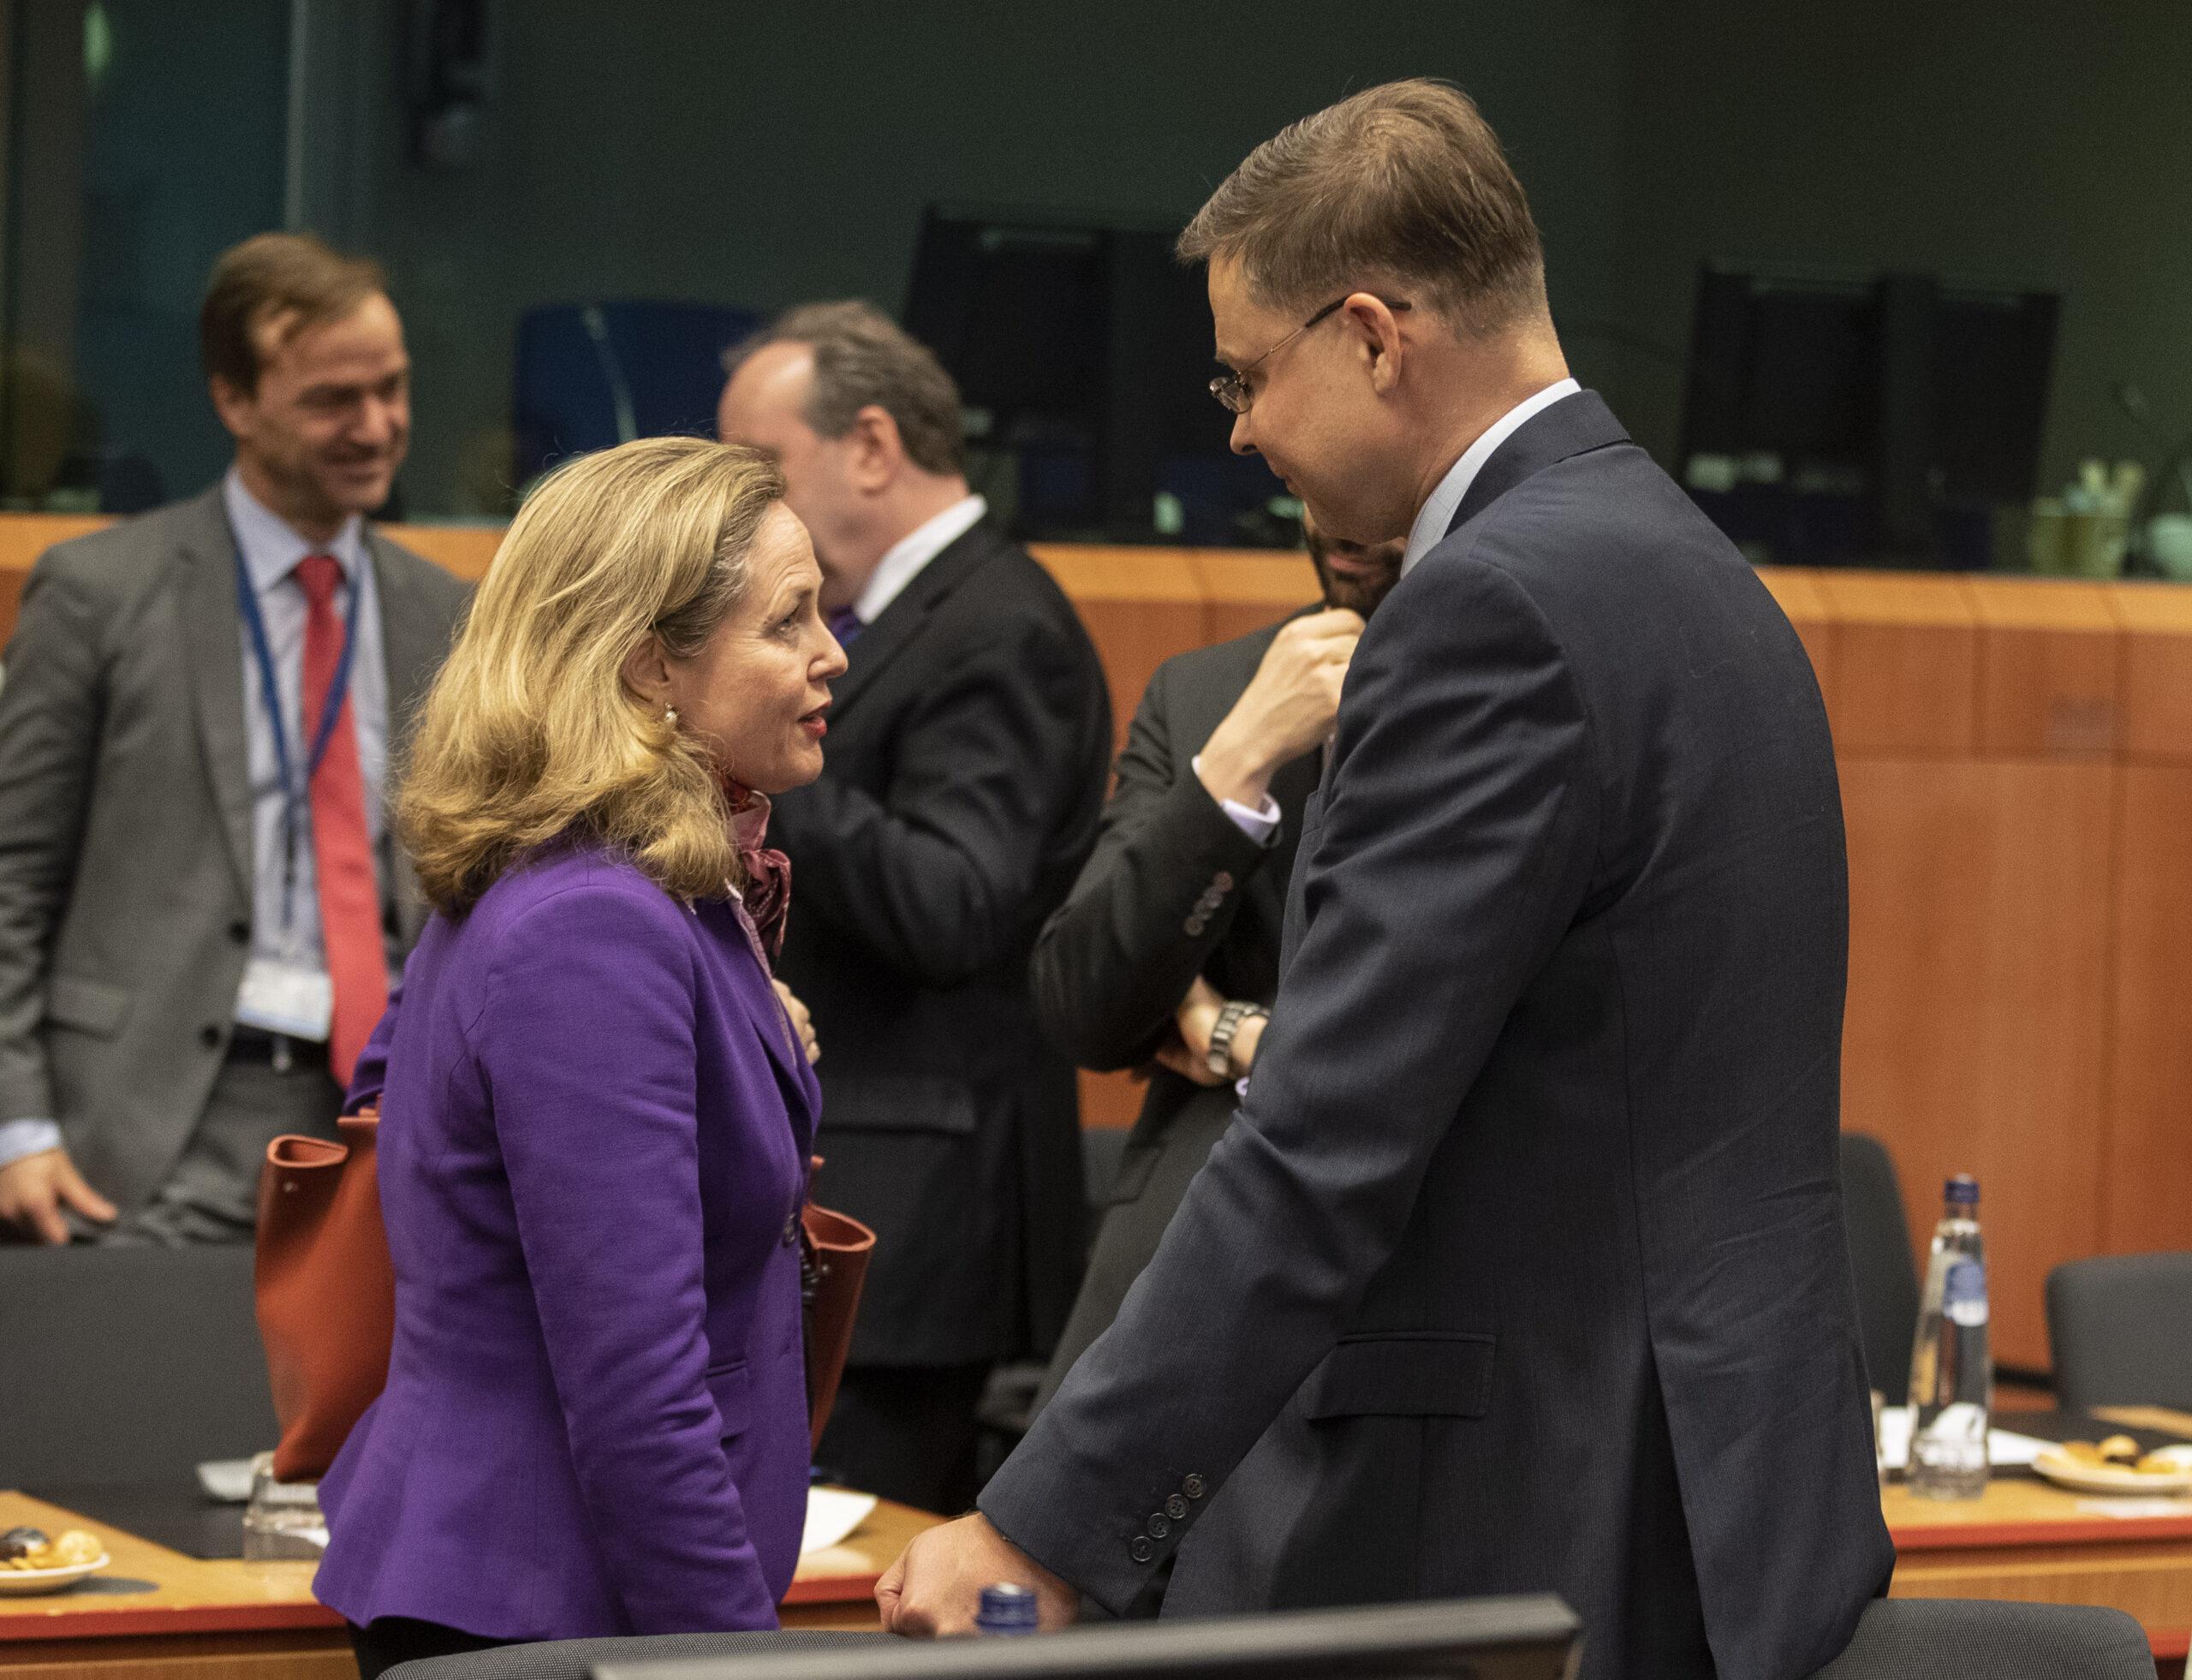 La vicepresidenta econòmica del govern espanyol, Nadia Calviño, i el vicepresident econòmic de la Comissió Europea, Valdis Dombrovskis   ACN